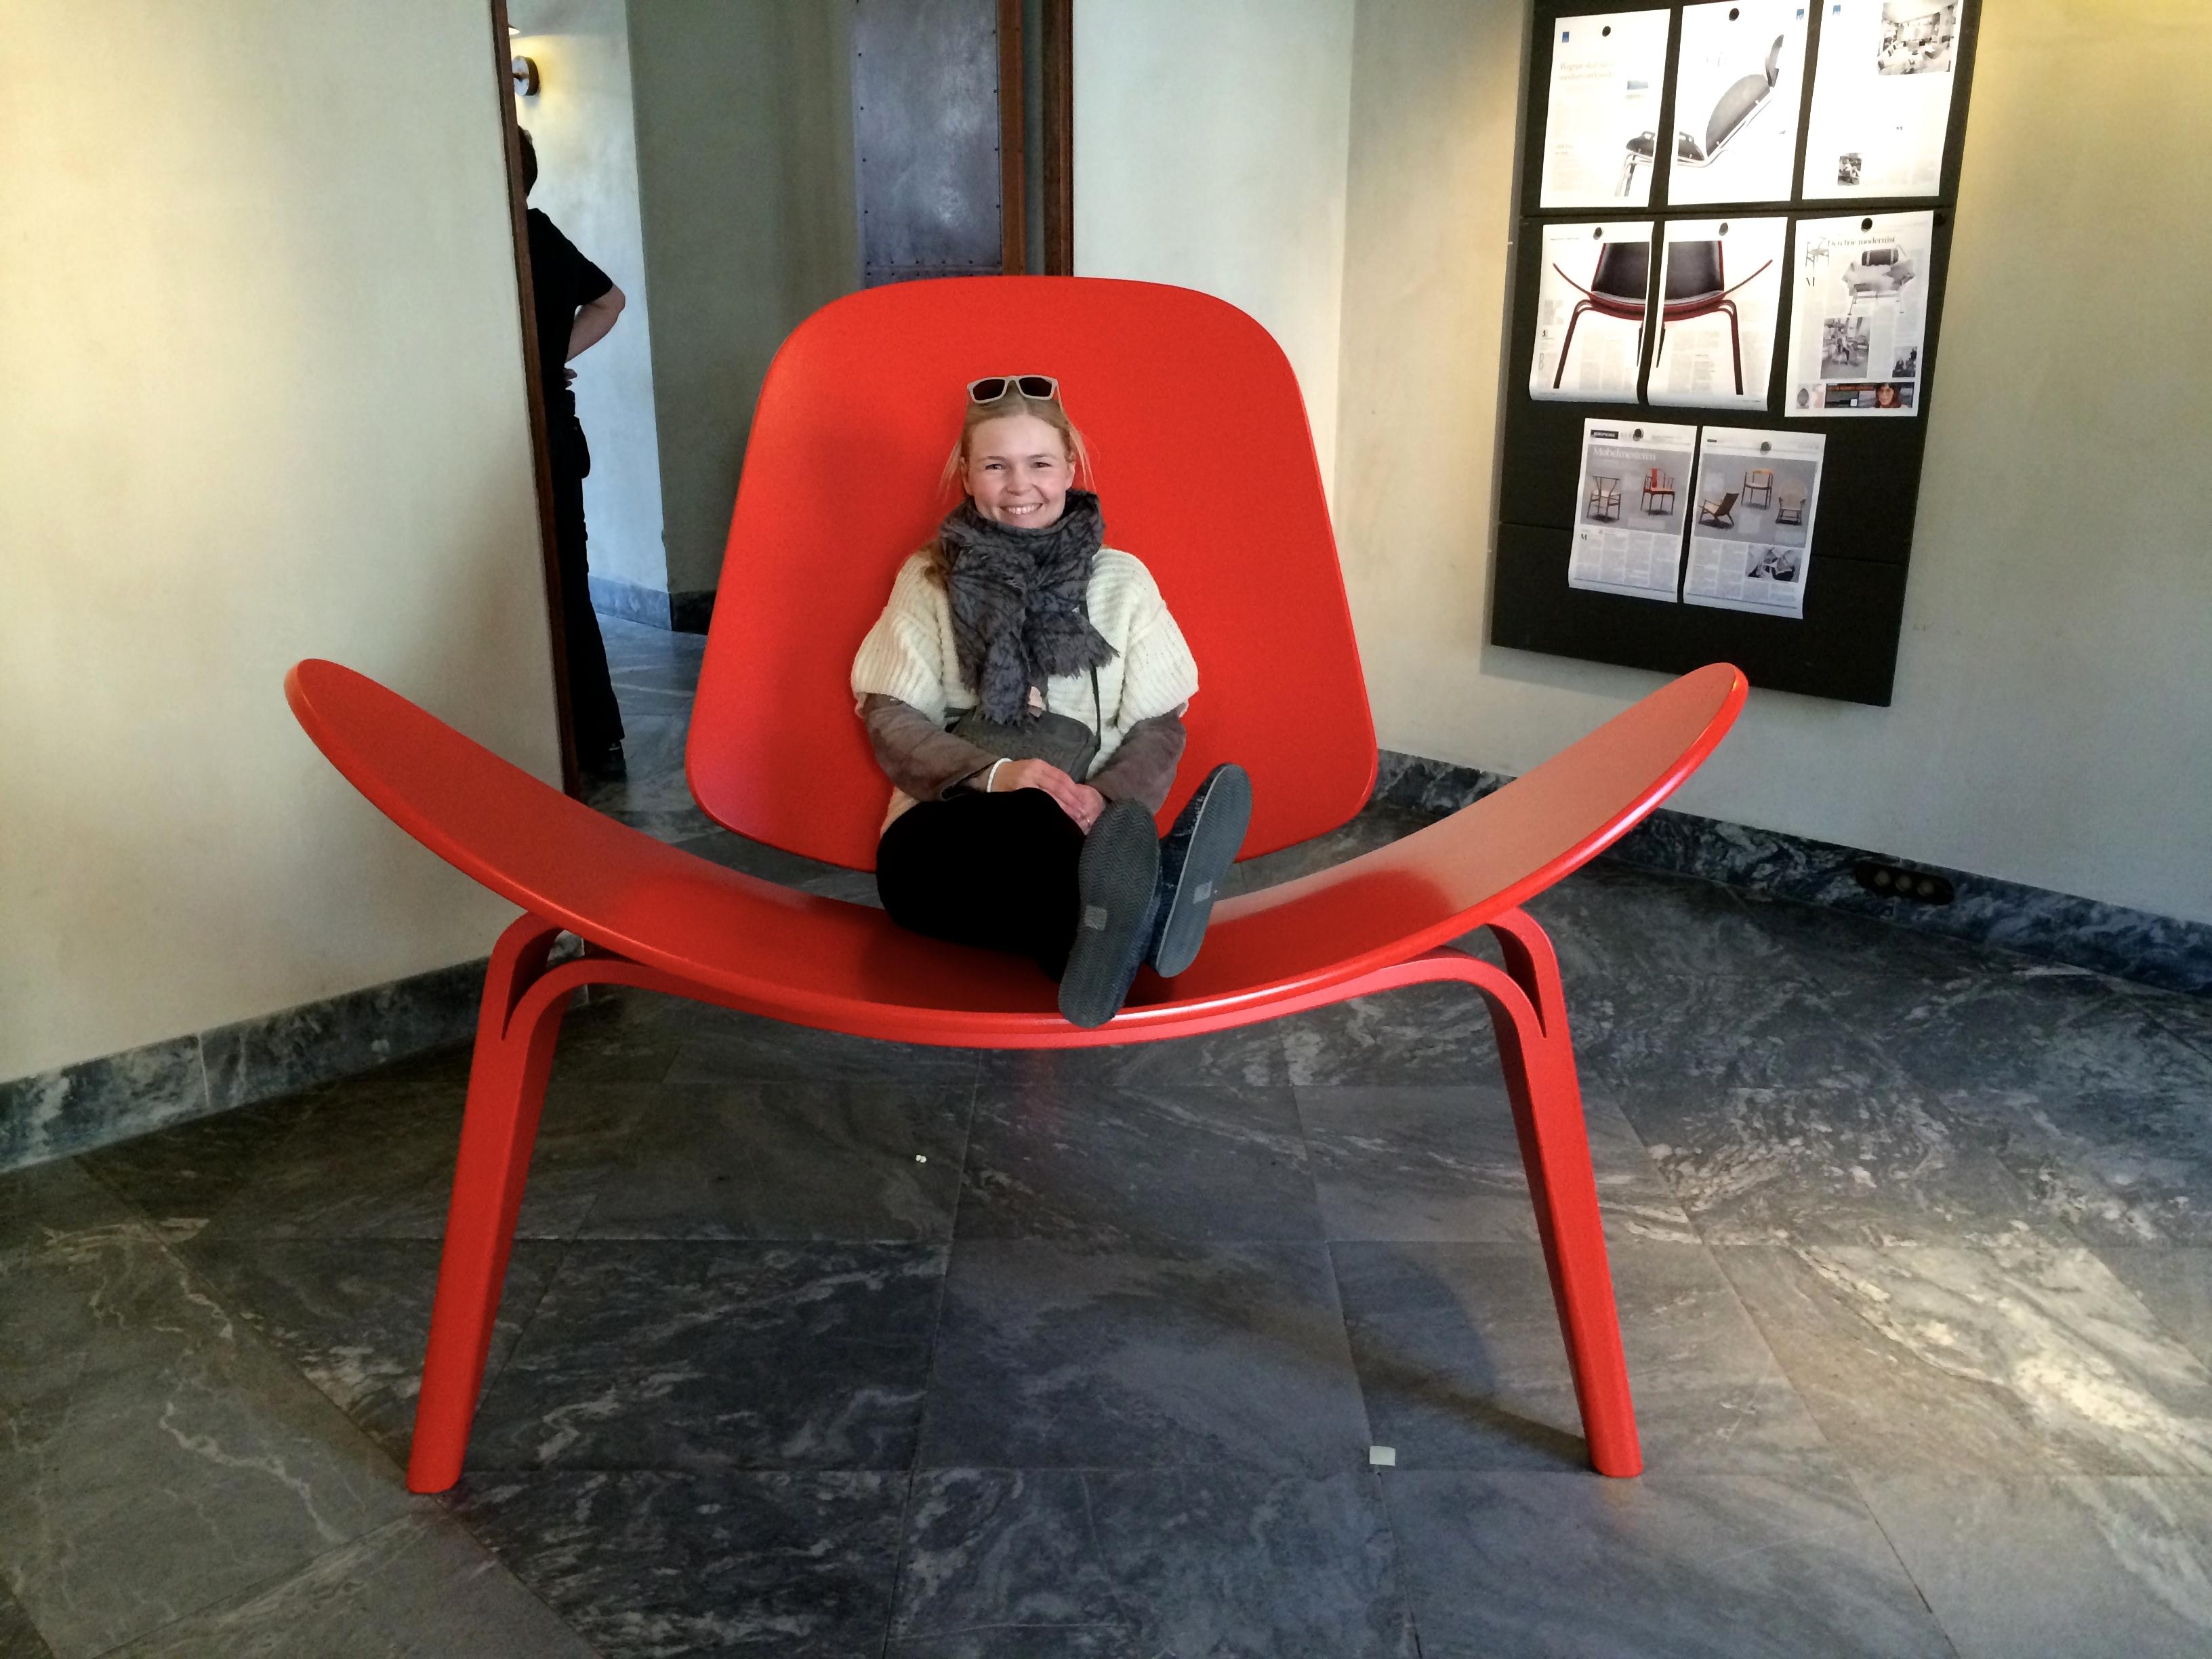 wegner_stor_rød_stol_udstilling